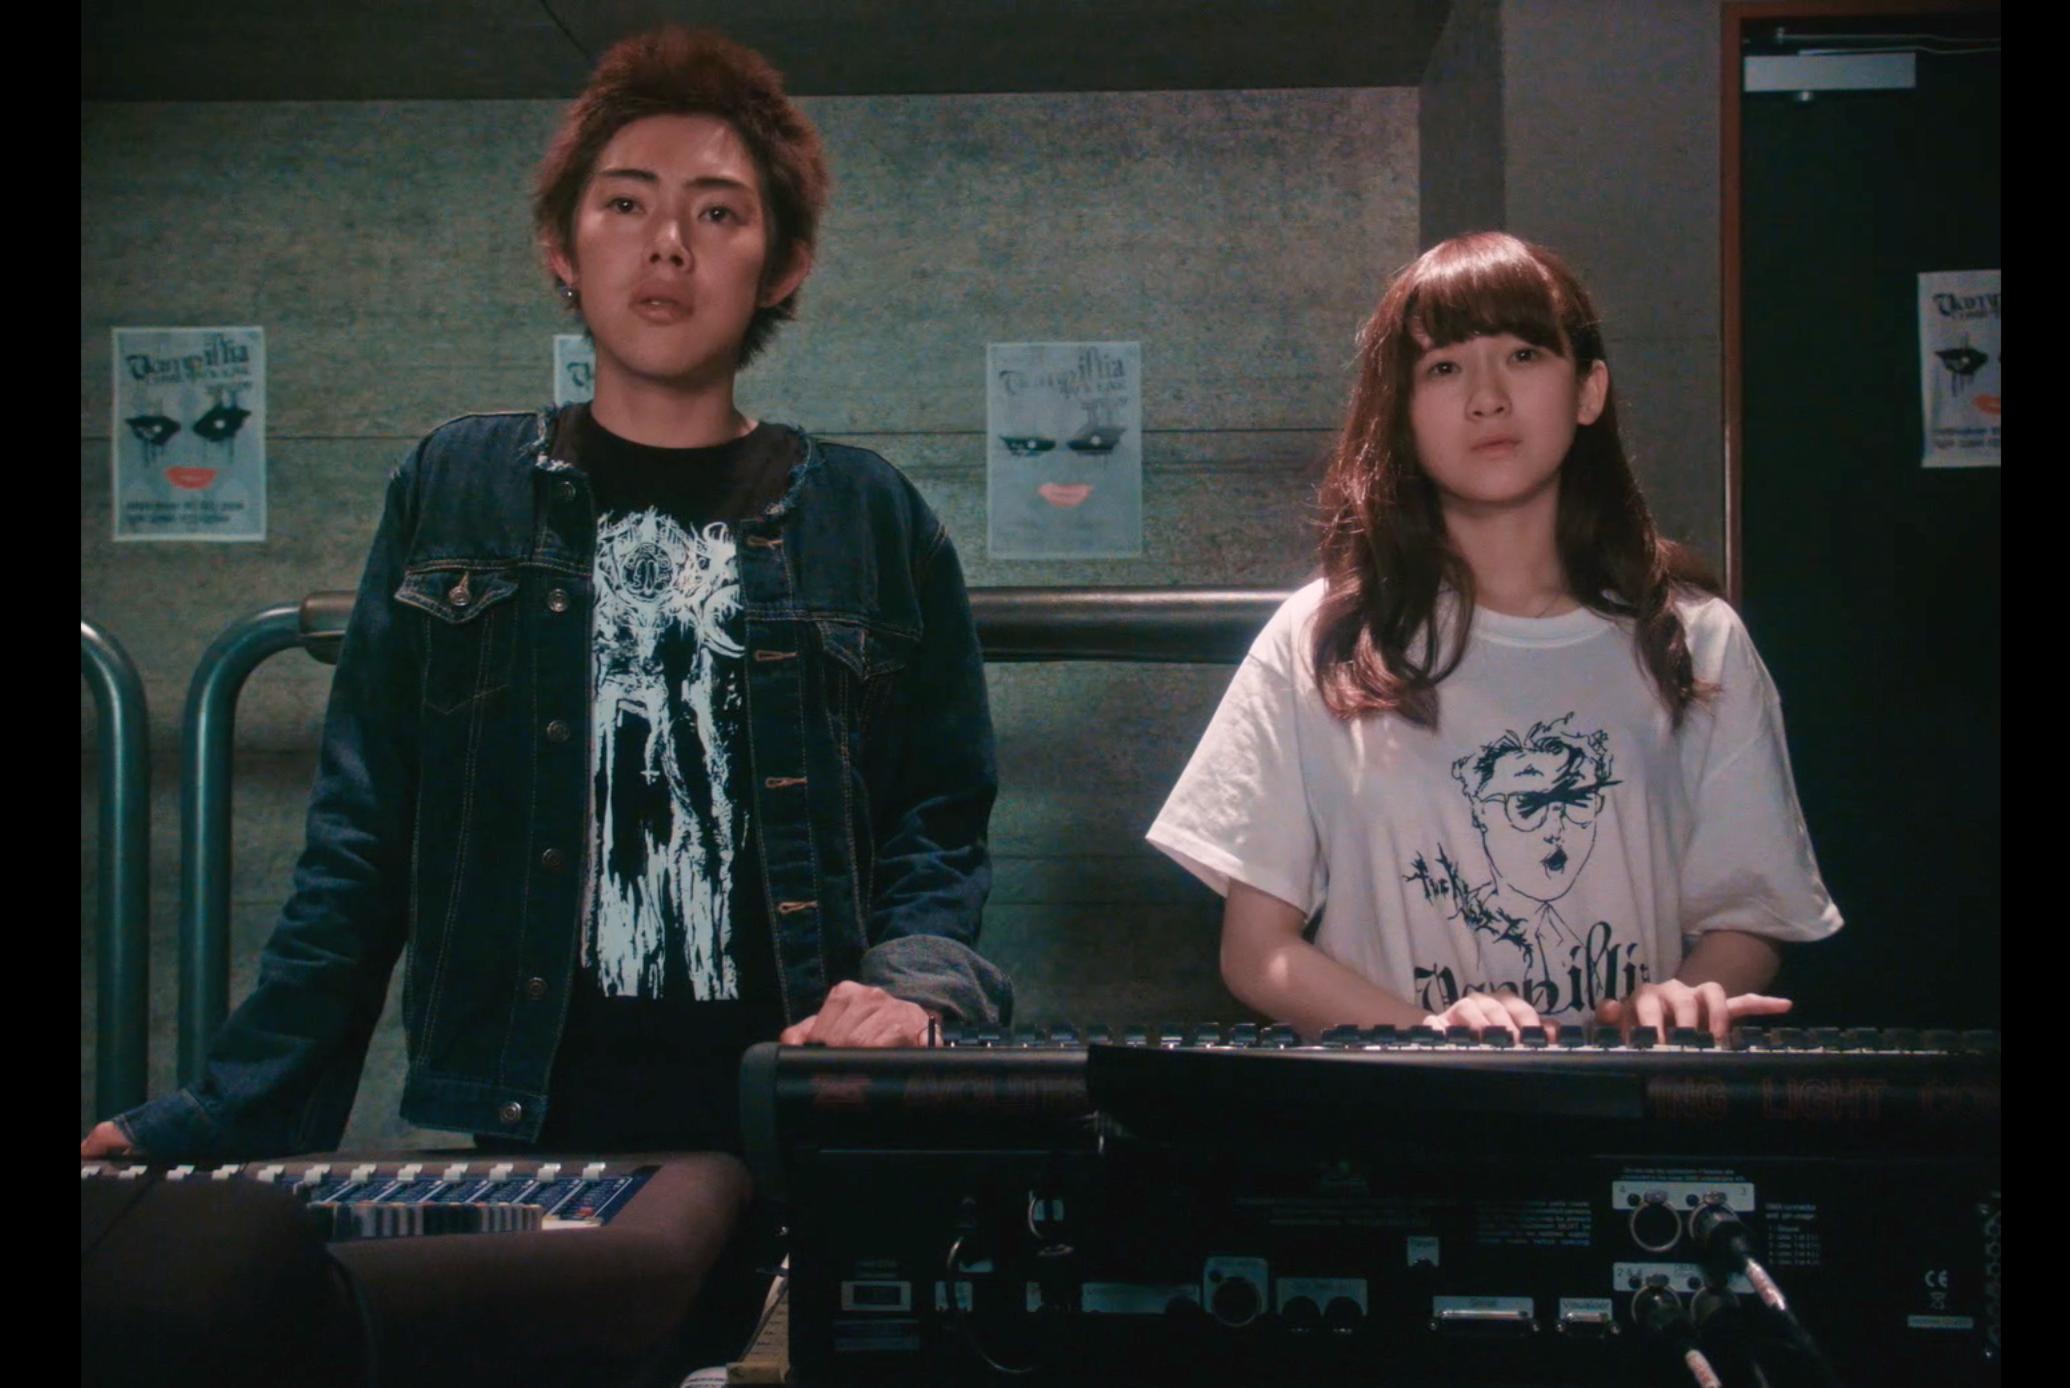 【開催終了】ー酒井麻衣監督をお迎えしてー『いいにおいのする映画』上映会